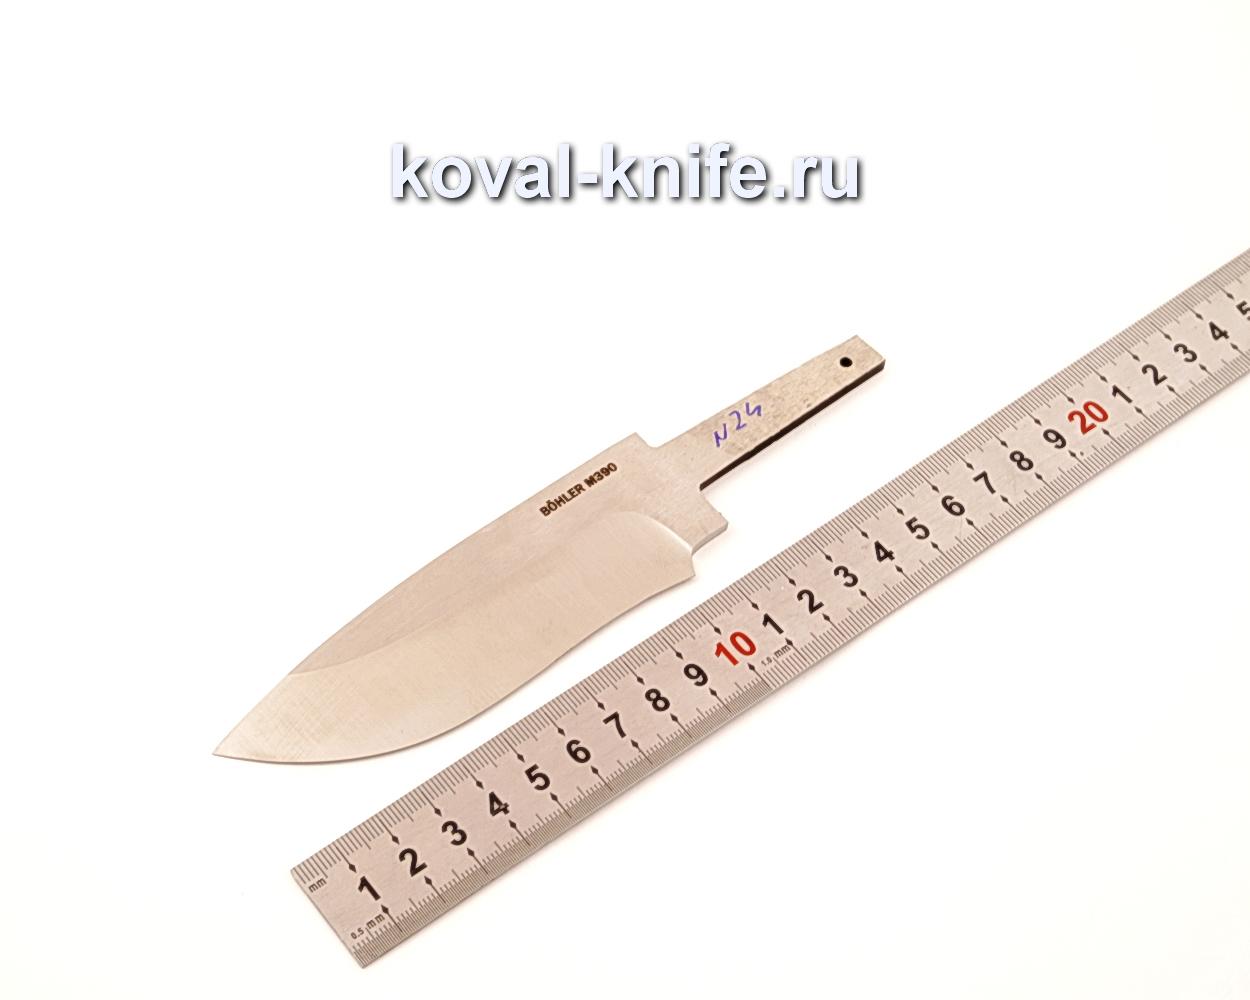 Клинок для ножа из порошковой стали Bohler M390 N24